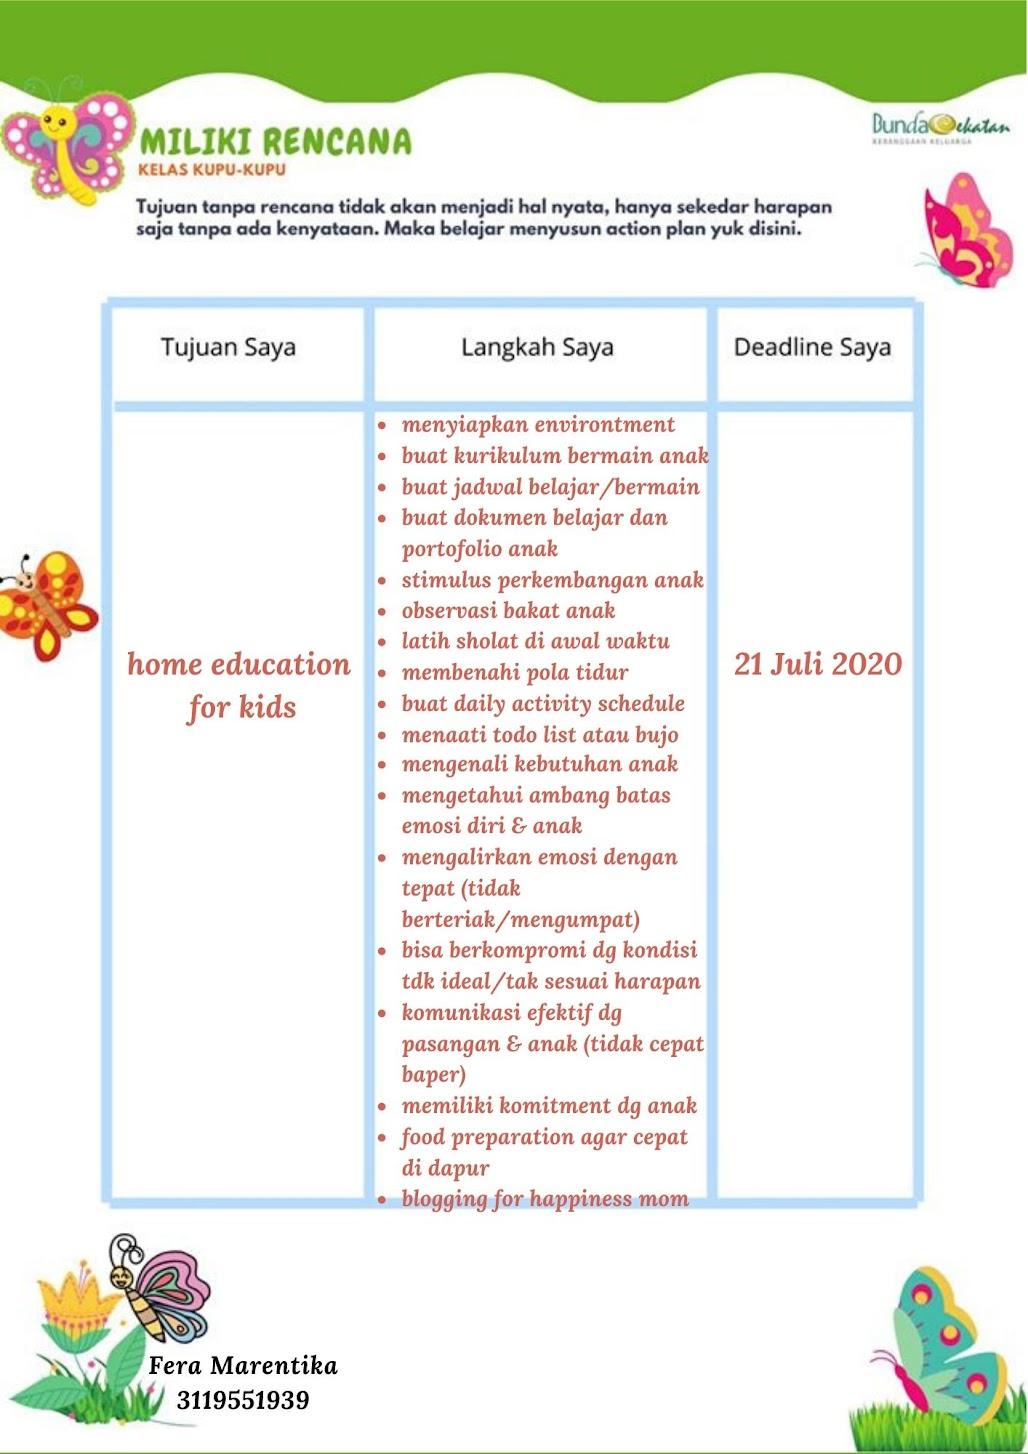 Jurnal Kupu-kupu 4: Tinjau Ulang Rencana